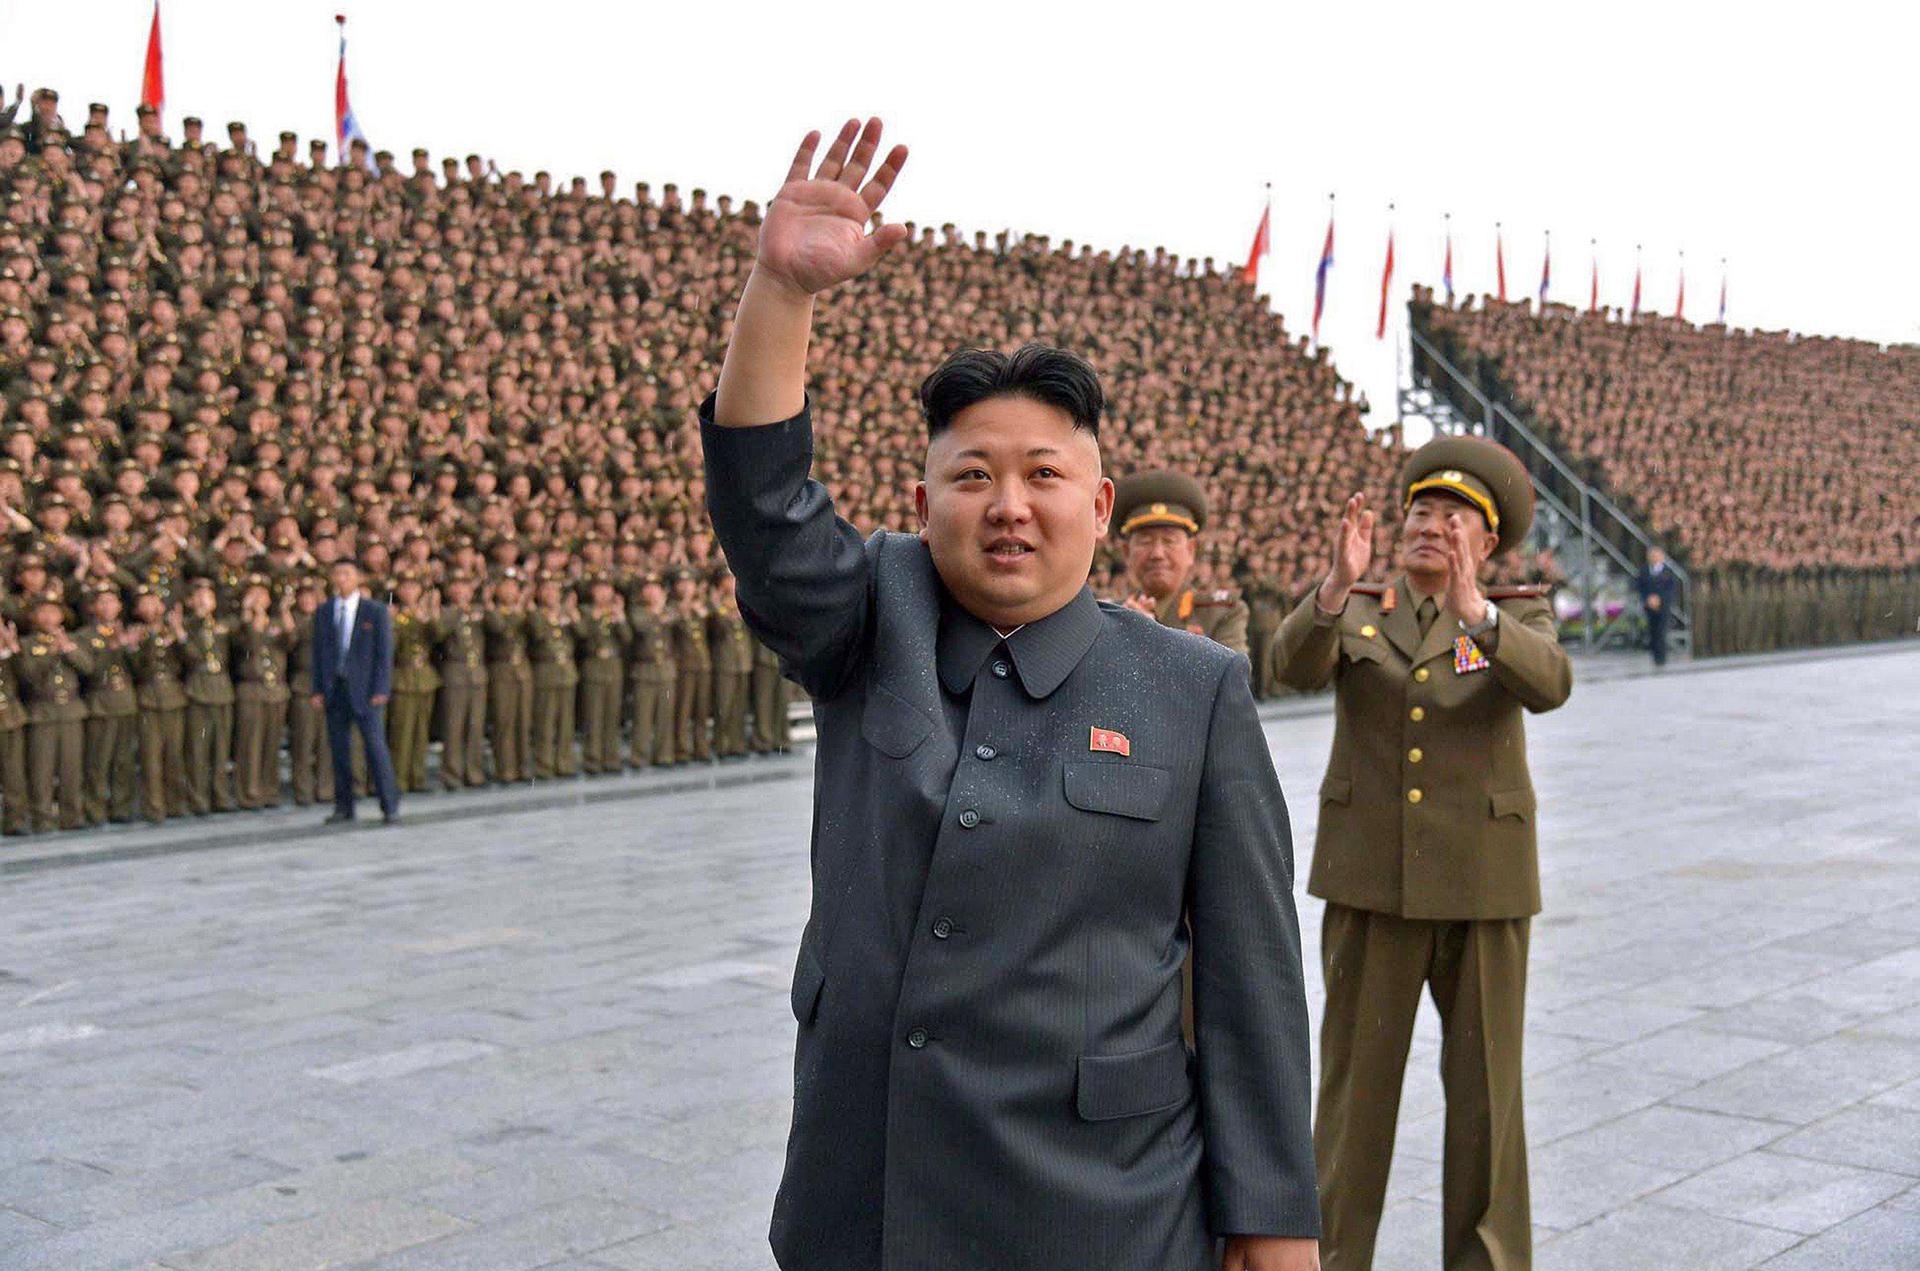 Kim Jong-un, líder supremo de Corea del Norte, luce un llamativo estilo rapado a los costados y raya al medio. Es uno de los 15 looks que permite el régimen